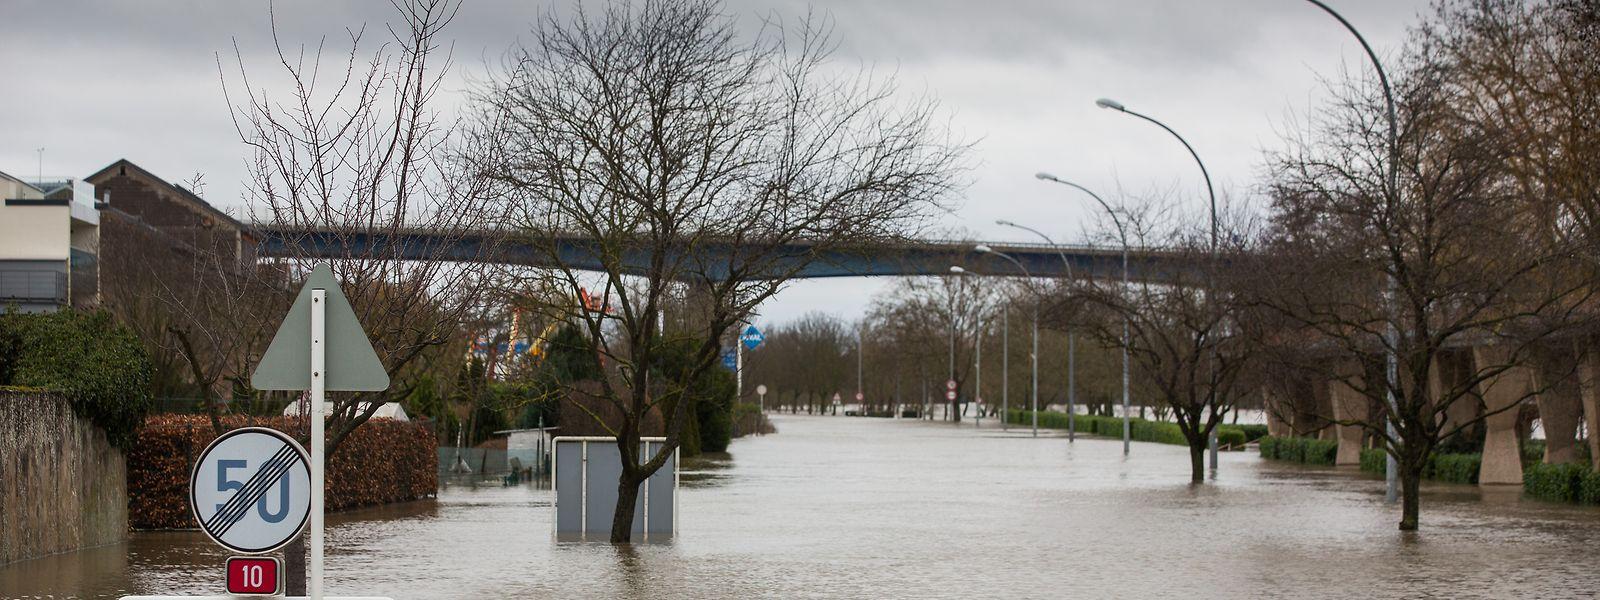 Sur le plan des catastrophes naturelles, l'année 2018 est la quatrième année la plus dévastatrice de tous les temps.